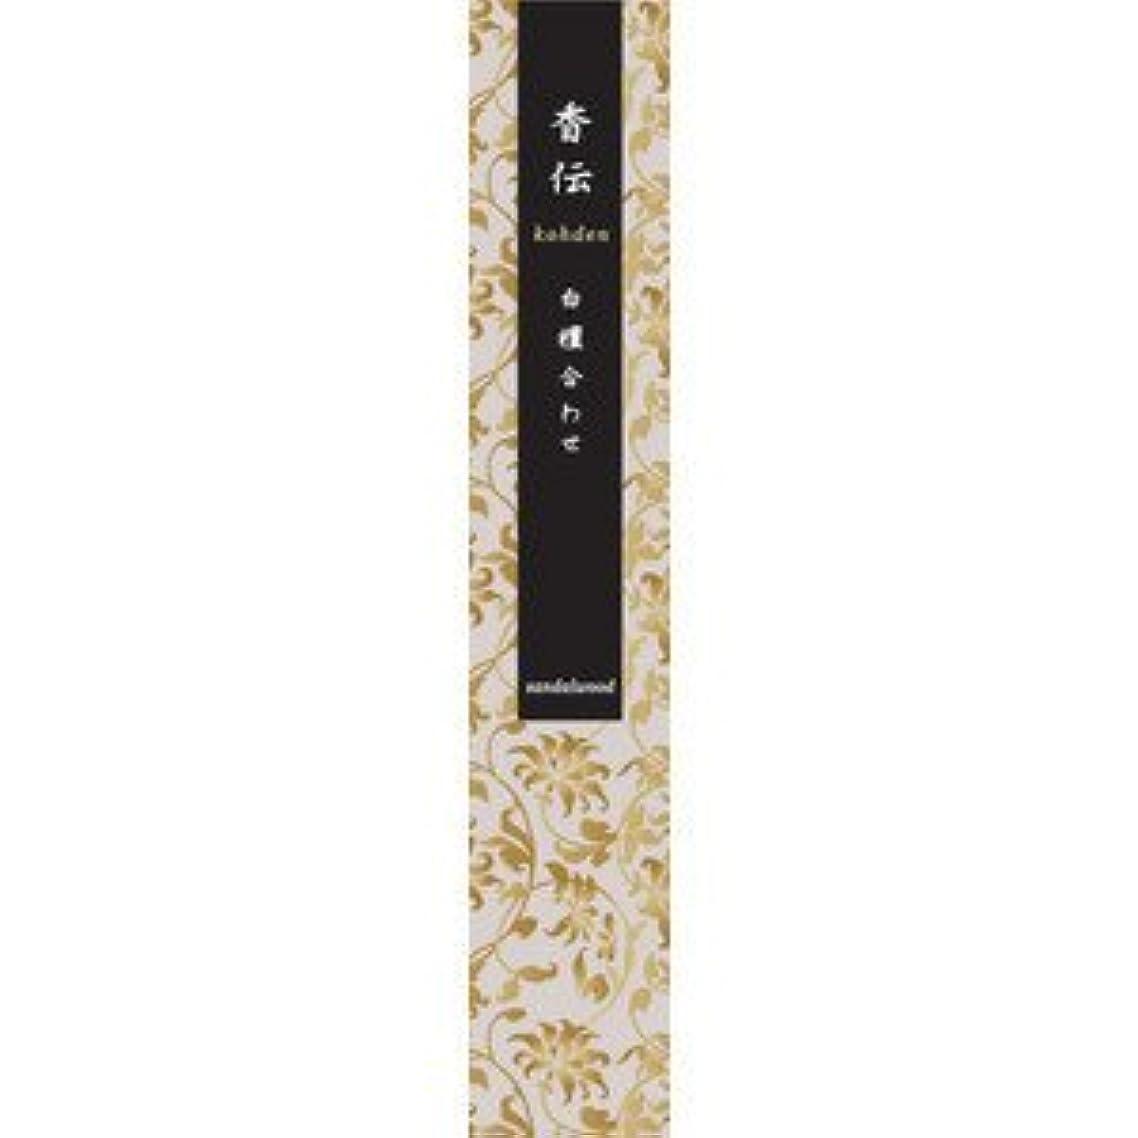 無秩序人類ルビー日本香堂 香伝 白檀合わせ